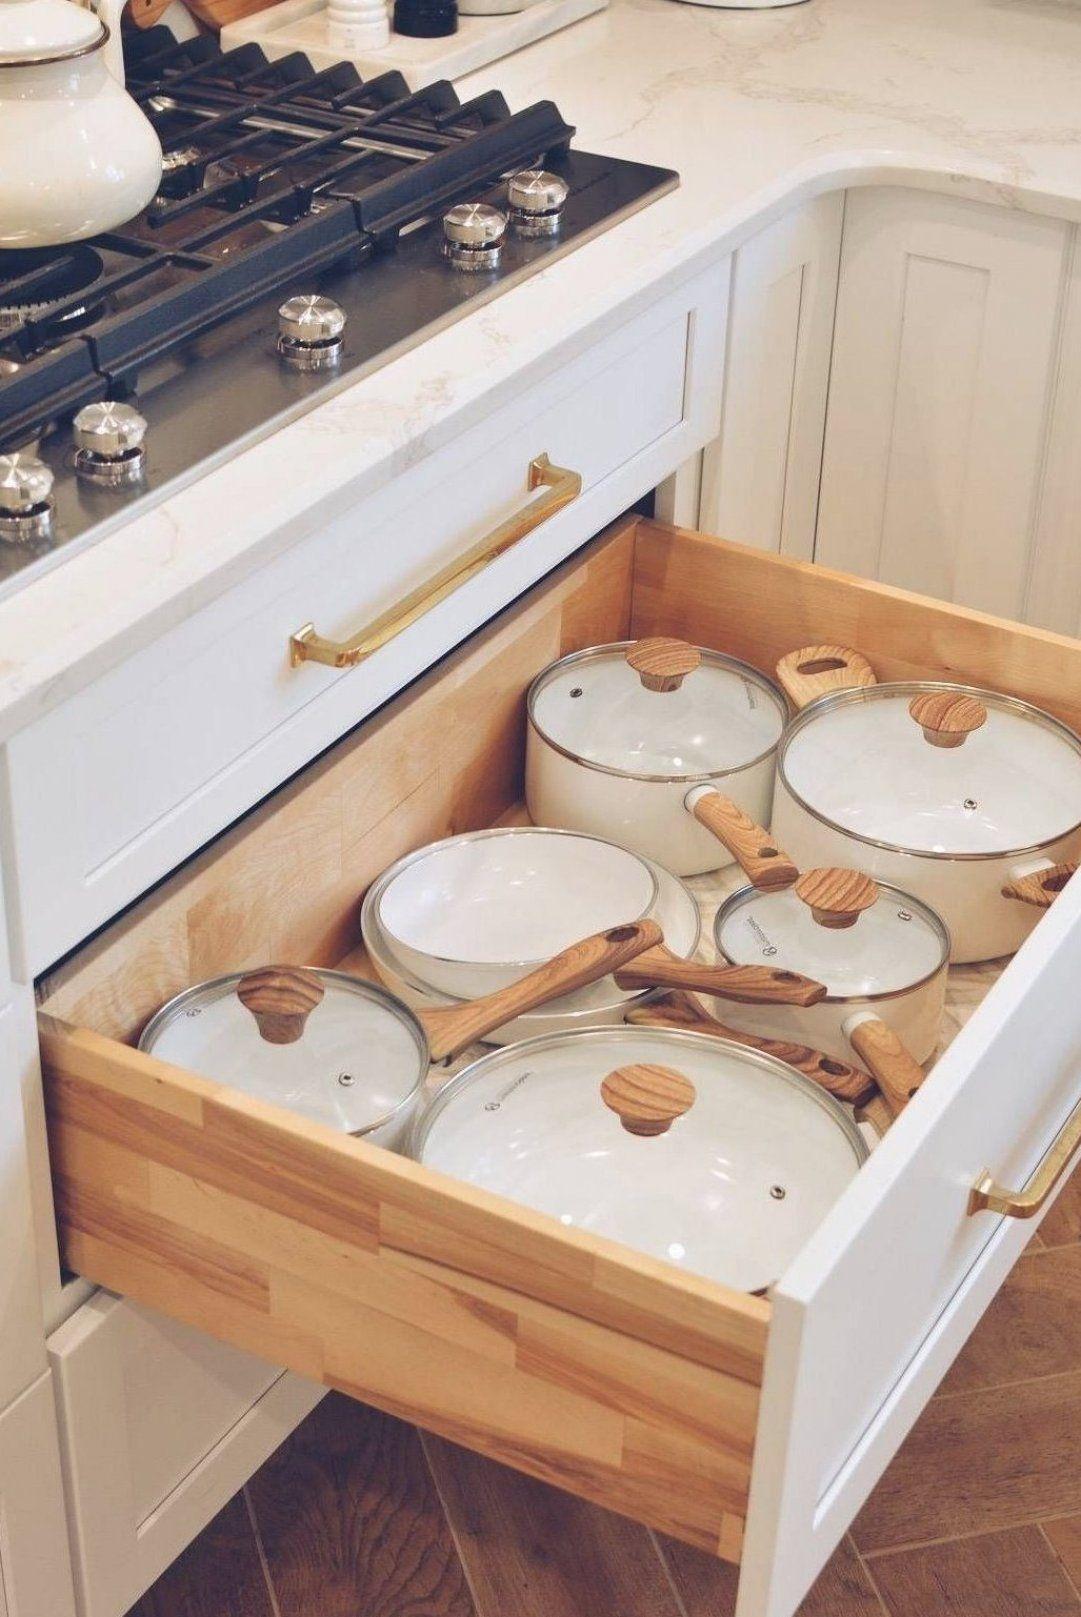 Pin By Abraham Ibazeta On Kitchen Hacks Videos Cooking In 2020 Kitchen Design Decor Cottage Kitchen Cabinets Kitchen Organization